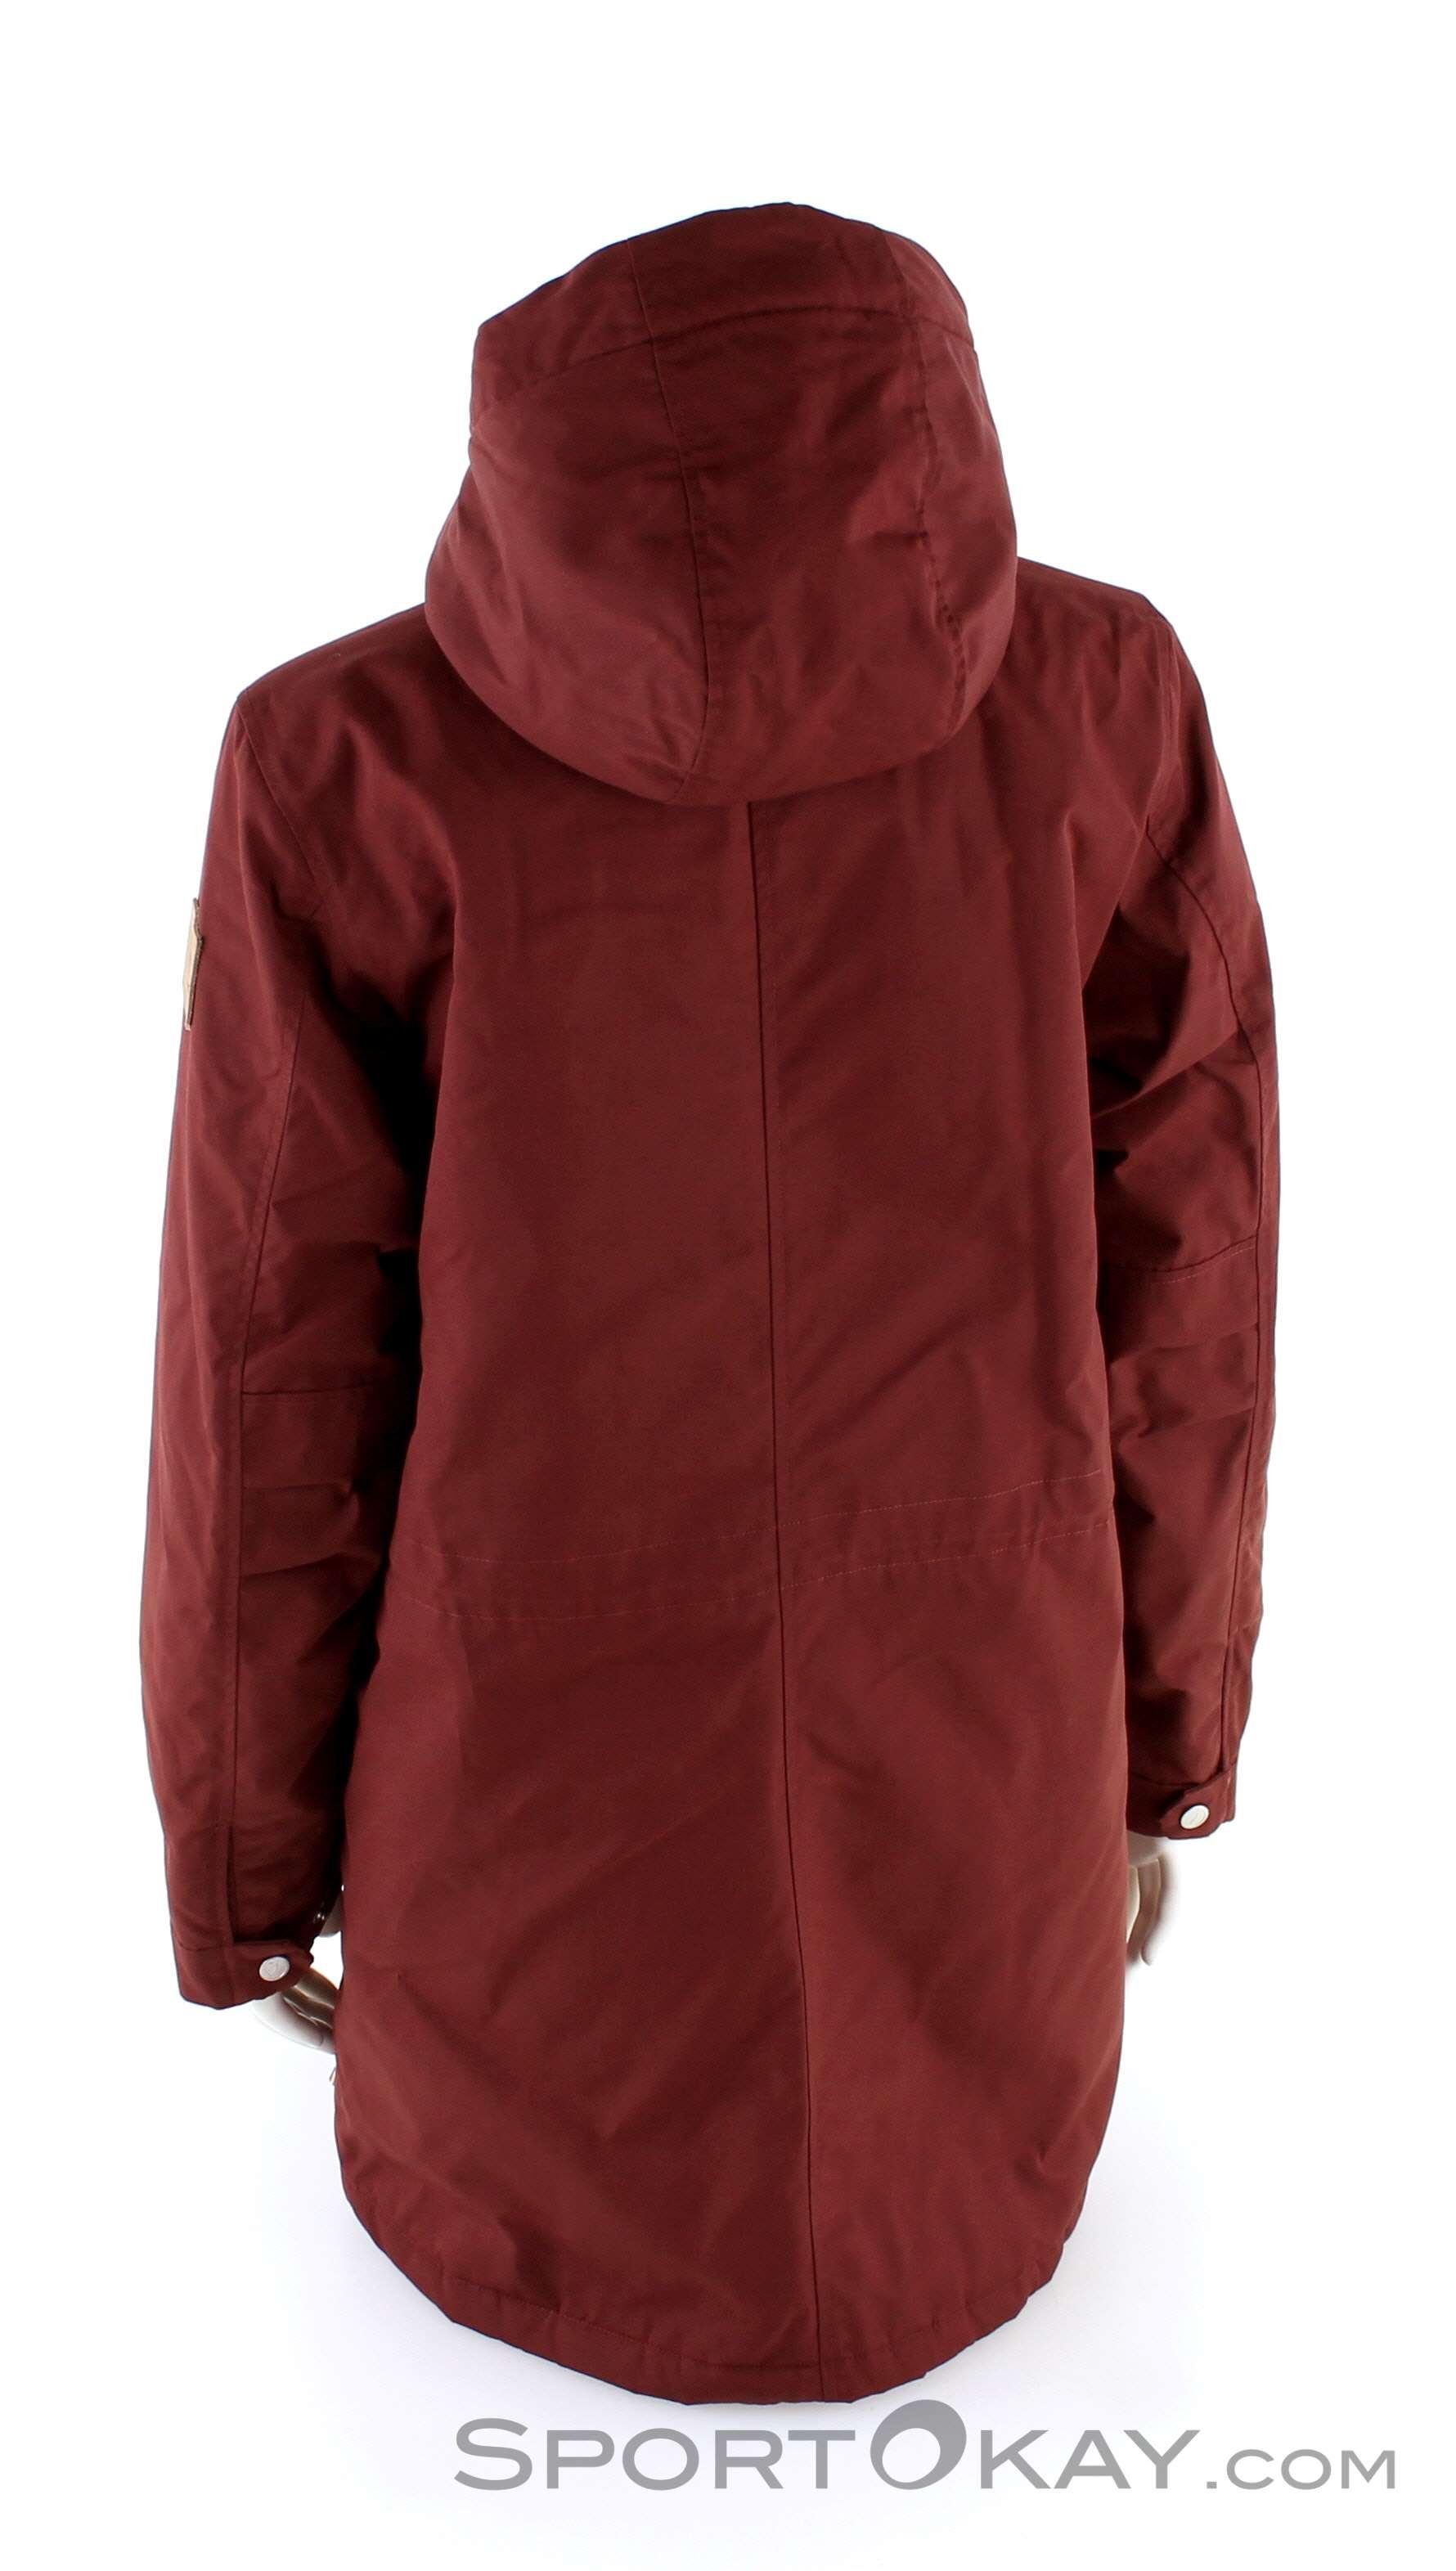 wholesale dealer 300c6 dc68d Fjällräven Fjällräven Greenland Winter Parka Womens Outdoor Coat